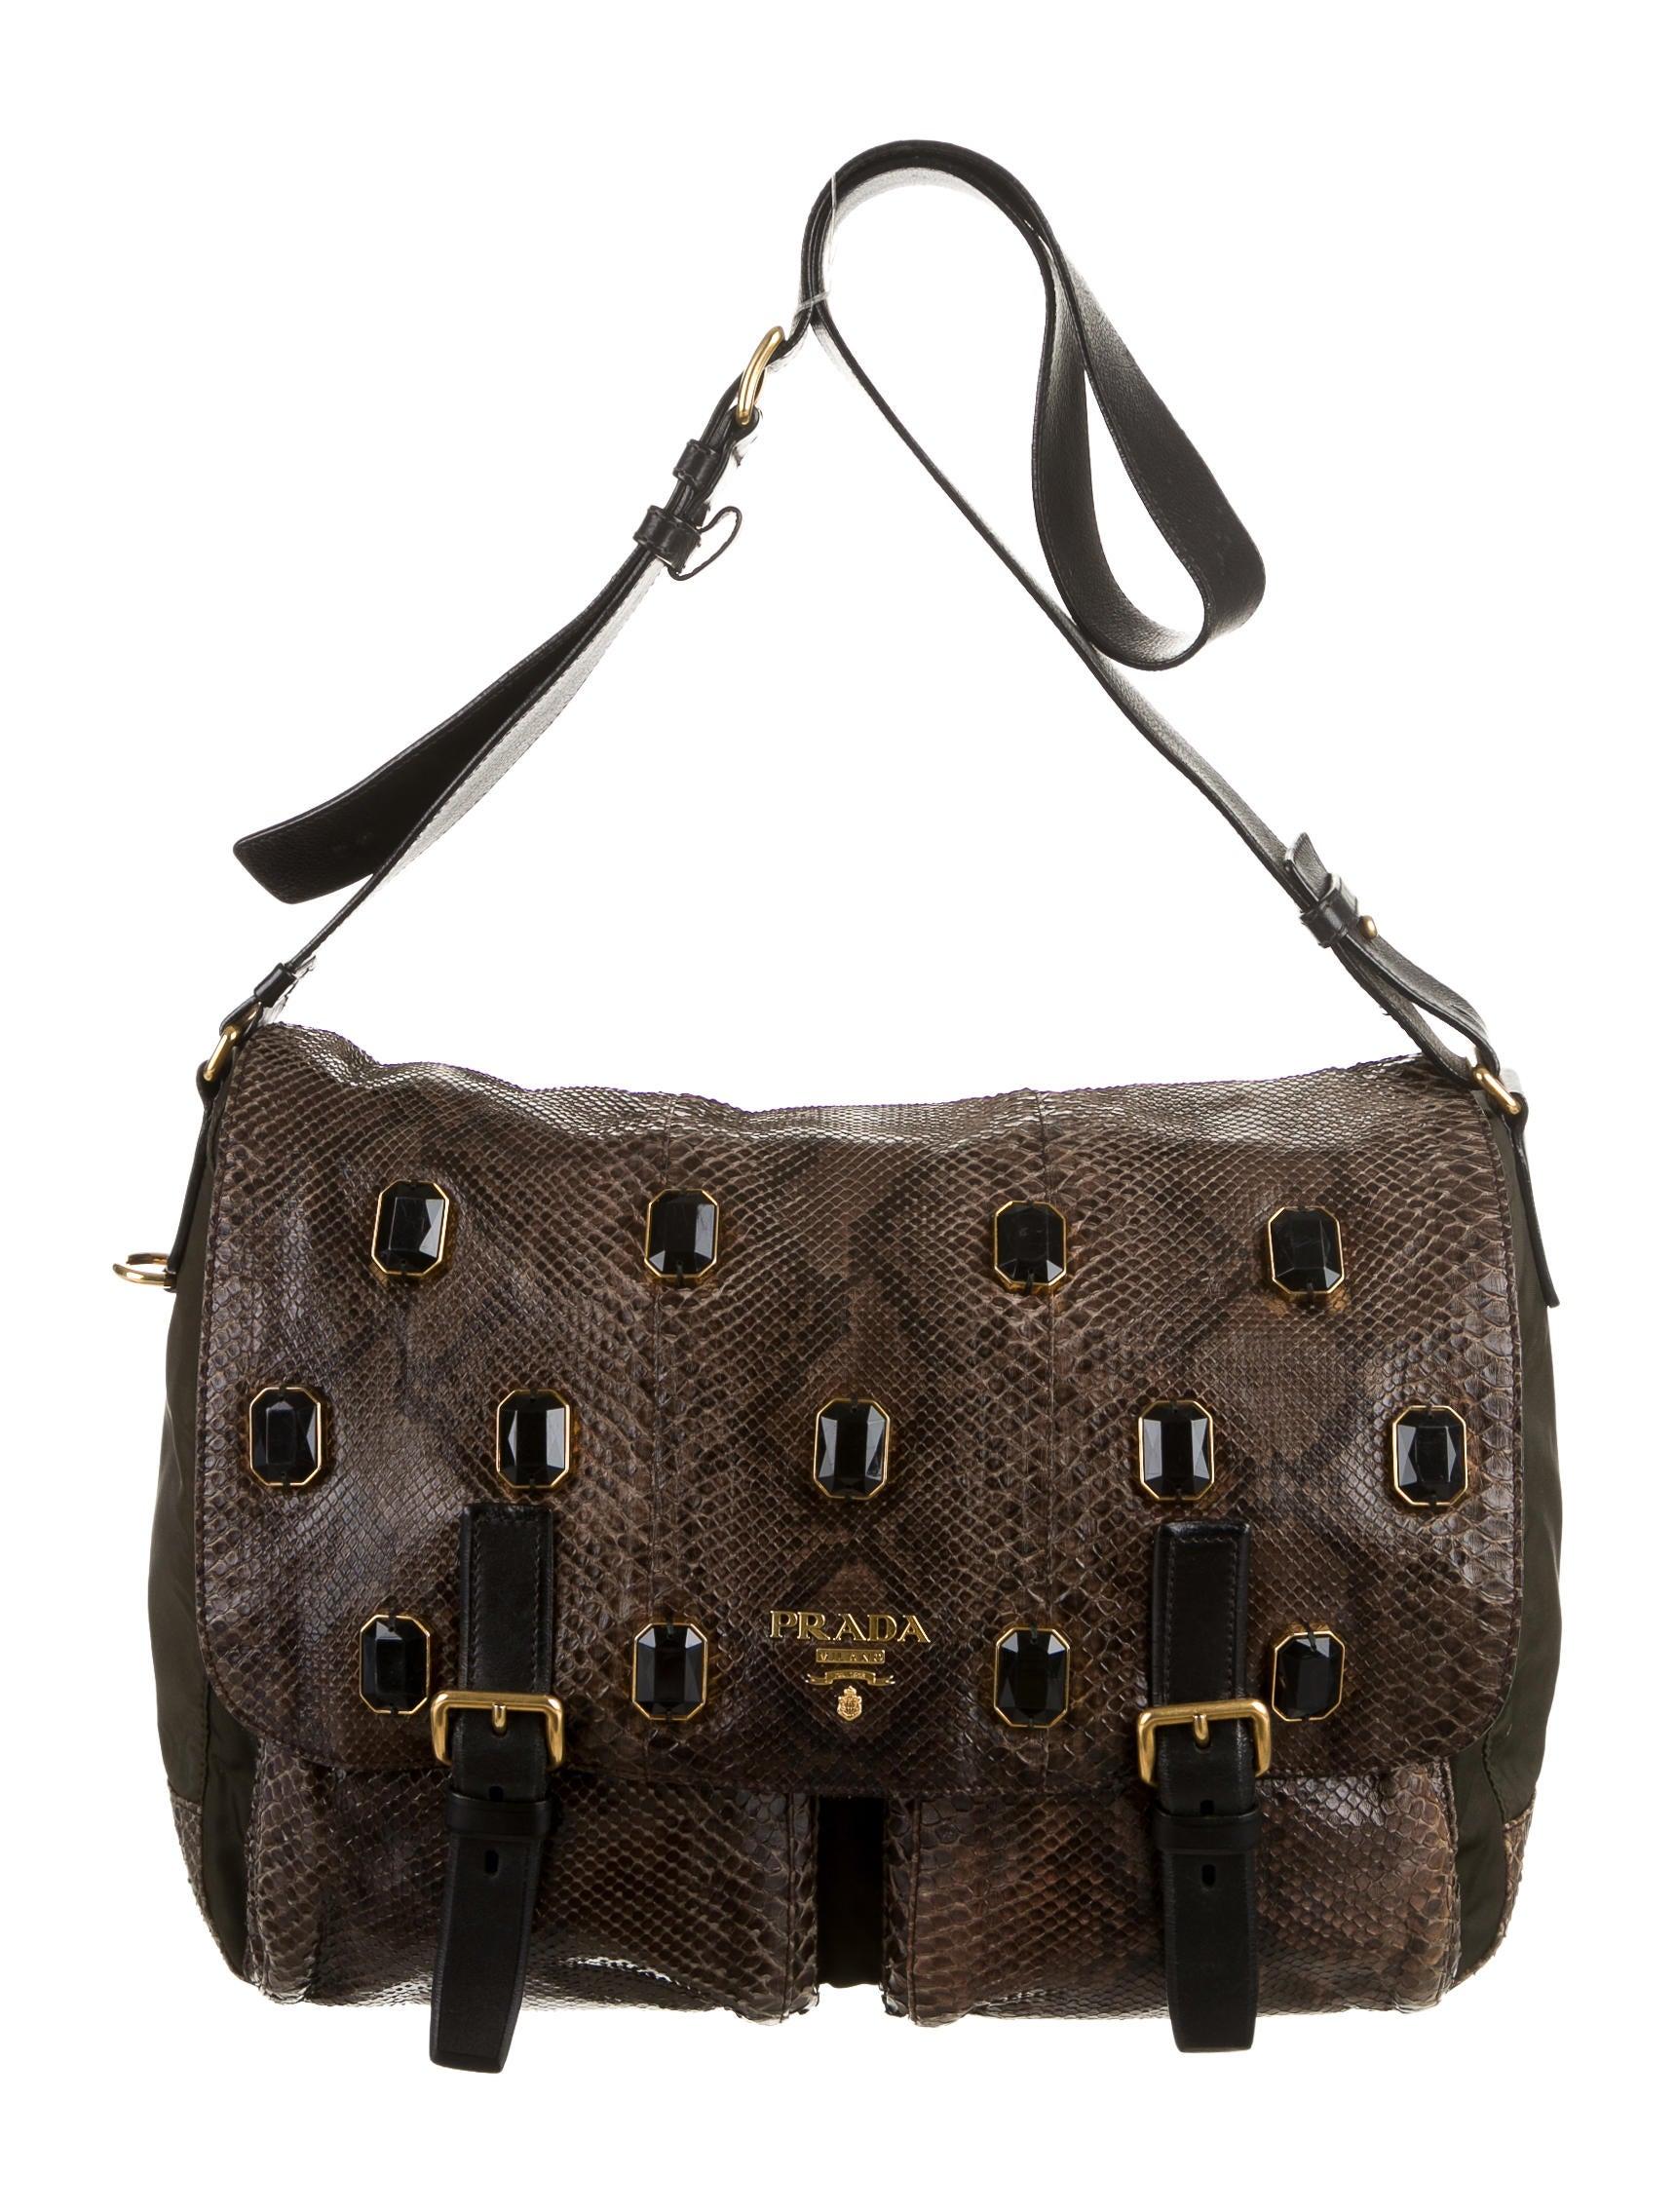 Prada Python Jewel Messenger Bag - Handbags - PRA59969 | The RealReal